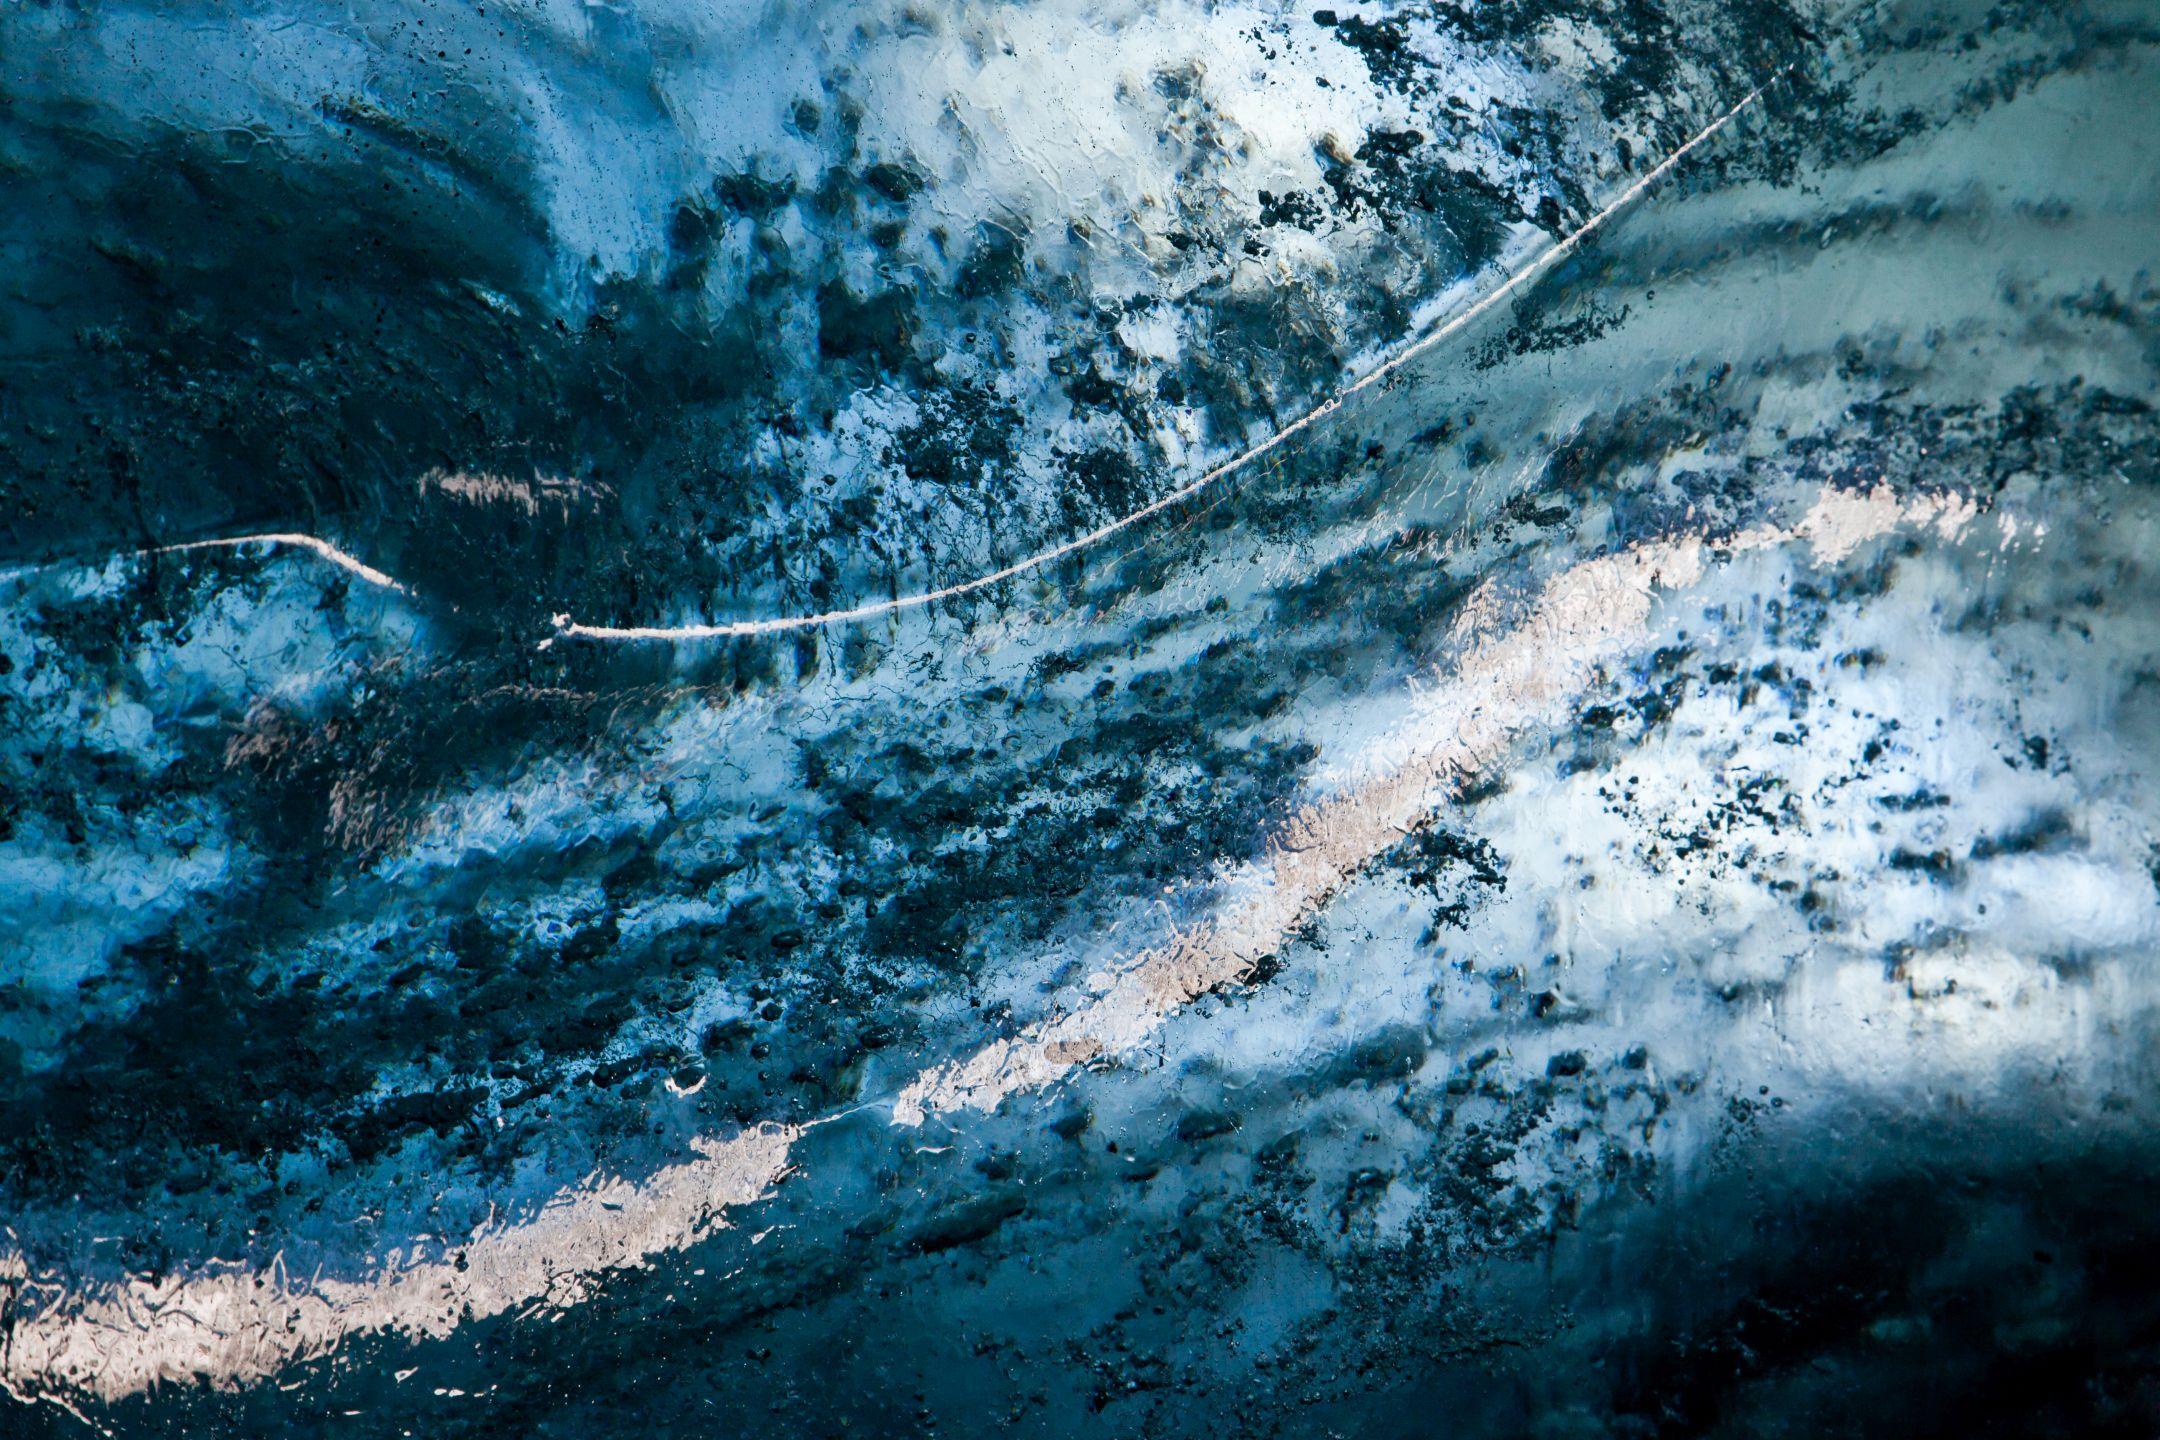 Morteratsch-Gletscher - Nördliche, untere Höhle - Auf- und Durchlicht an Eis-Höhlenwand: Auf der nördlichen Seite des Morteratsch-Gletscher in der neuen unteren Eis-Höhle. Mit Standort in der Höhle, etwas unterhalb der Mitte an der linken Eis-Wand. Diese Wand ist von einer kleinen Nebenhöhle, welche einen Eingang hat durchleuchtet. Ferner reflektiert vom unteren Eingang her Licht auf der Oberfläche. Der Ausschnitt beträgt cirka 20cm in der Länge. Das Eis an dieser Wand hat eine wellenförmige Oberfläche, daher ist nicht alles gleich weit entfernt. Scharf gestllt ist auf die feine weisse Linie.